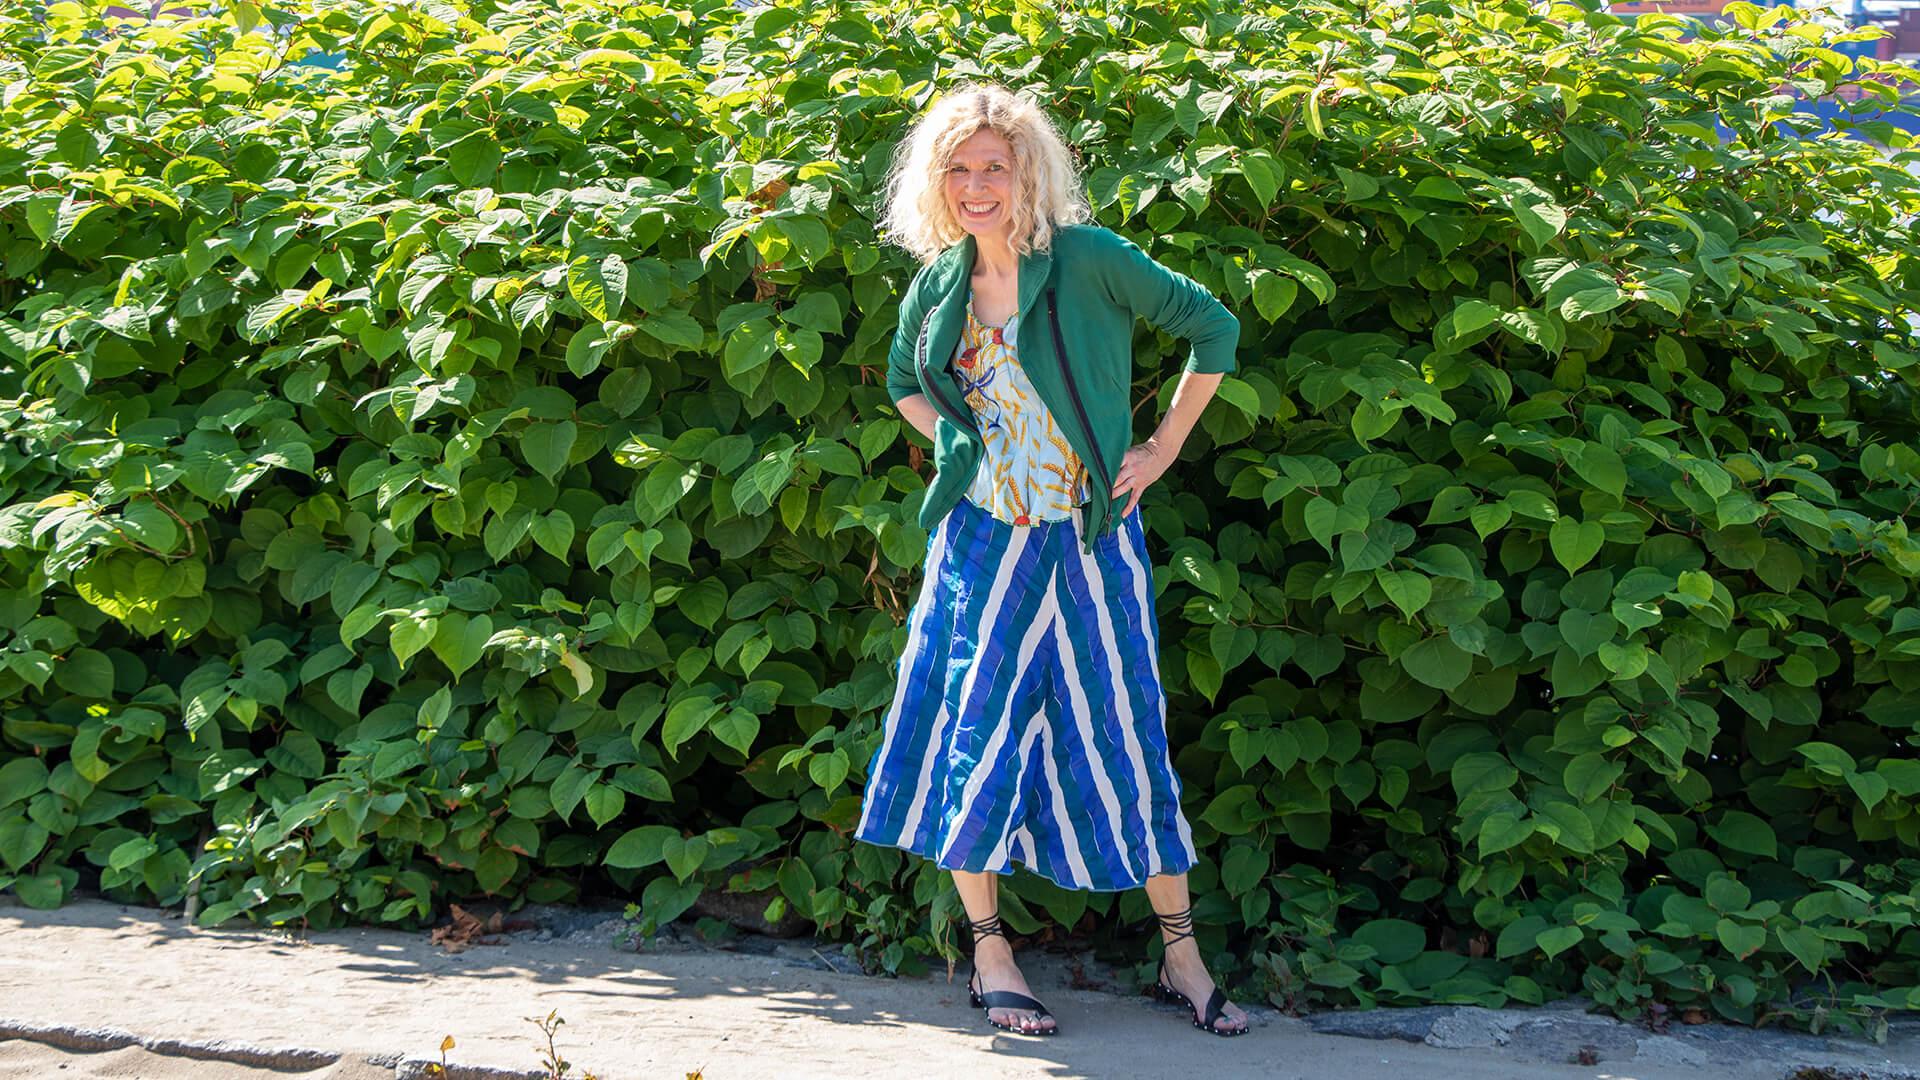 #ewakuich #koppel66 Kleider von Ewa Kuich #sommerkollektion